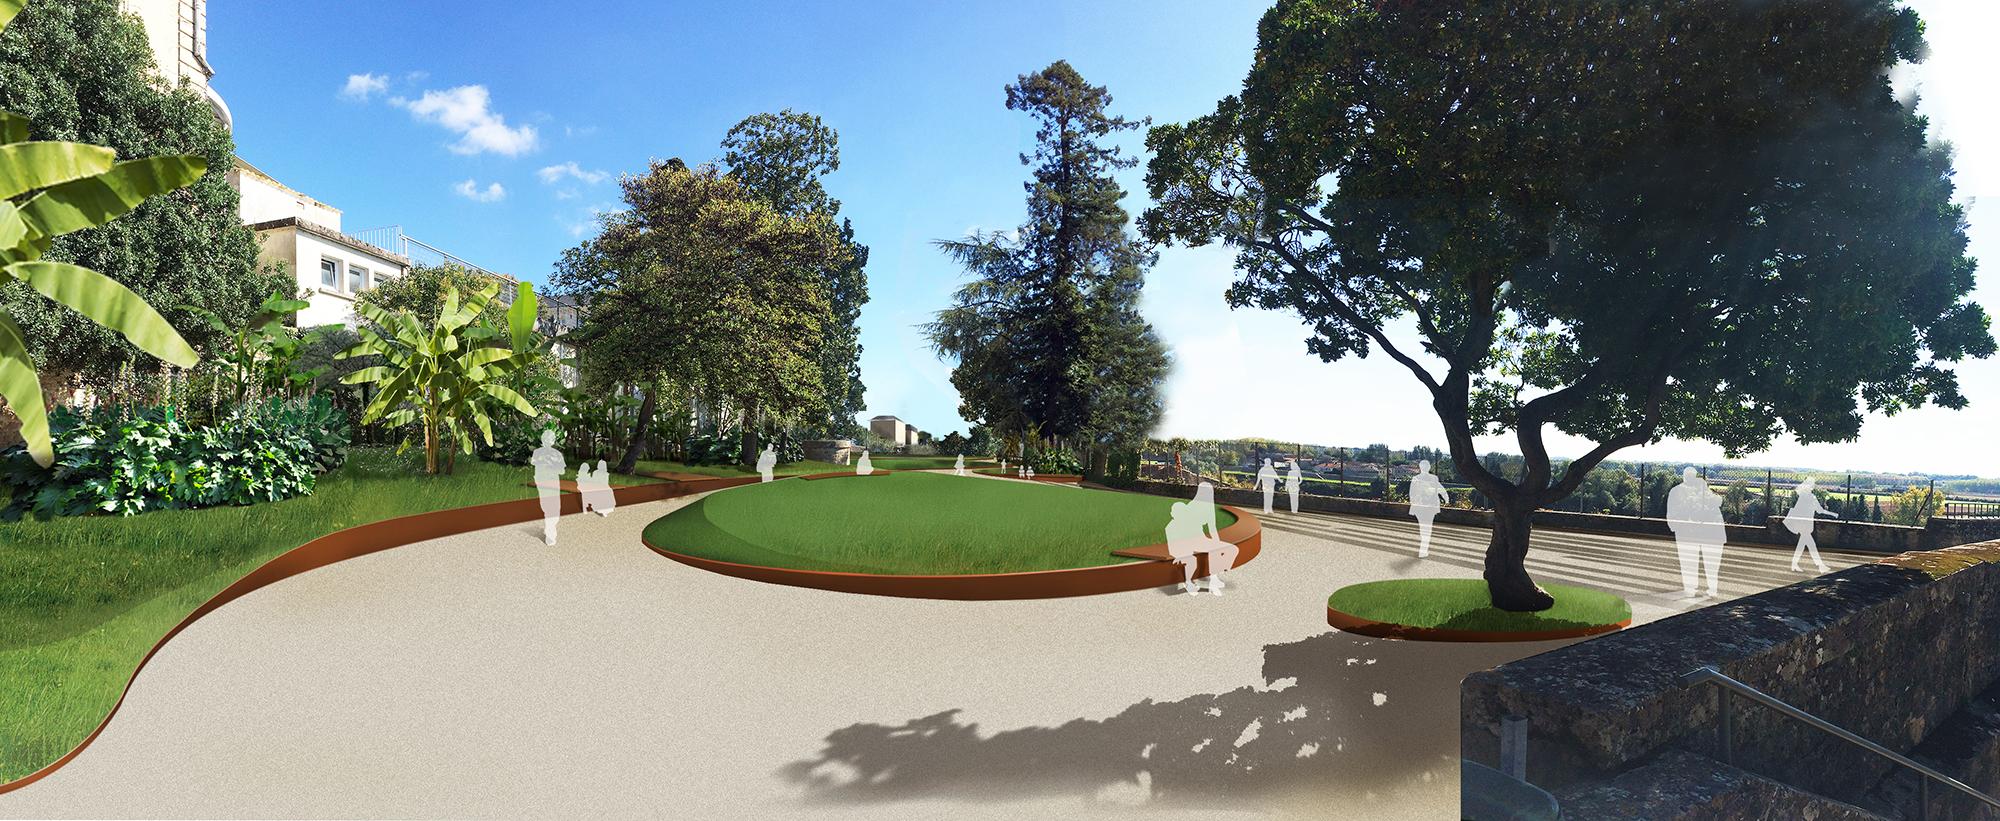 LA-REOLE-Ville-haute-ville-basse_-2-jardin-public.jpg